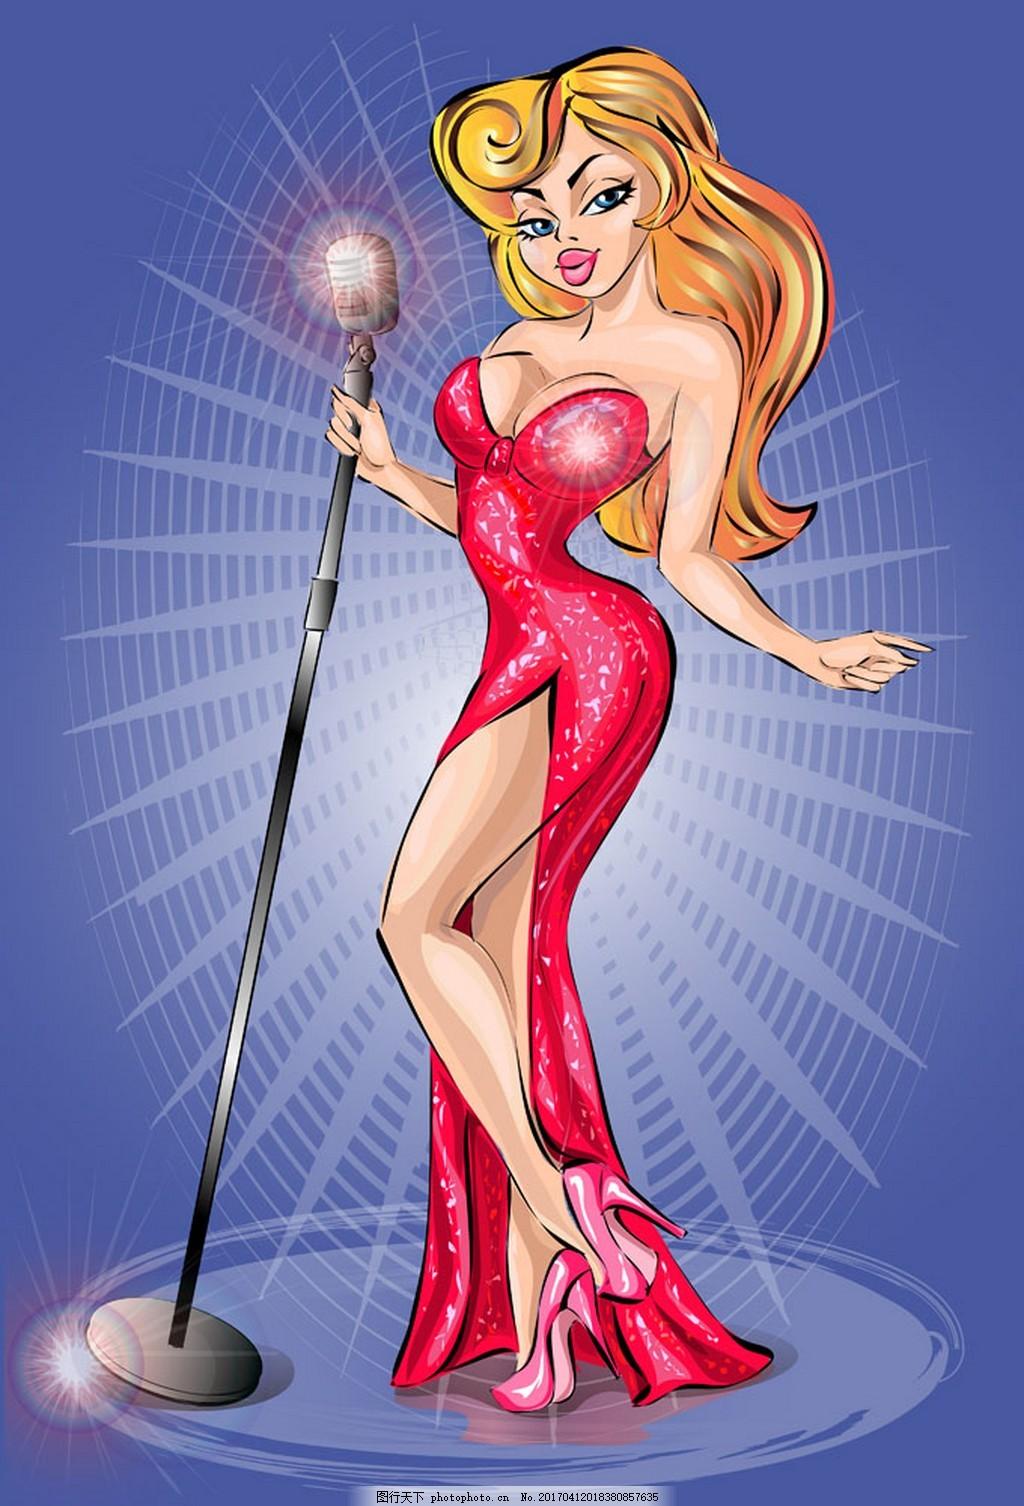 唱歌的美女漫画 人物 卡通人物 矢量素材 矢量人物 女人 性感